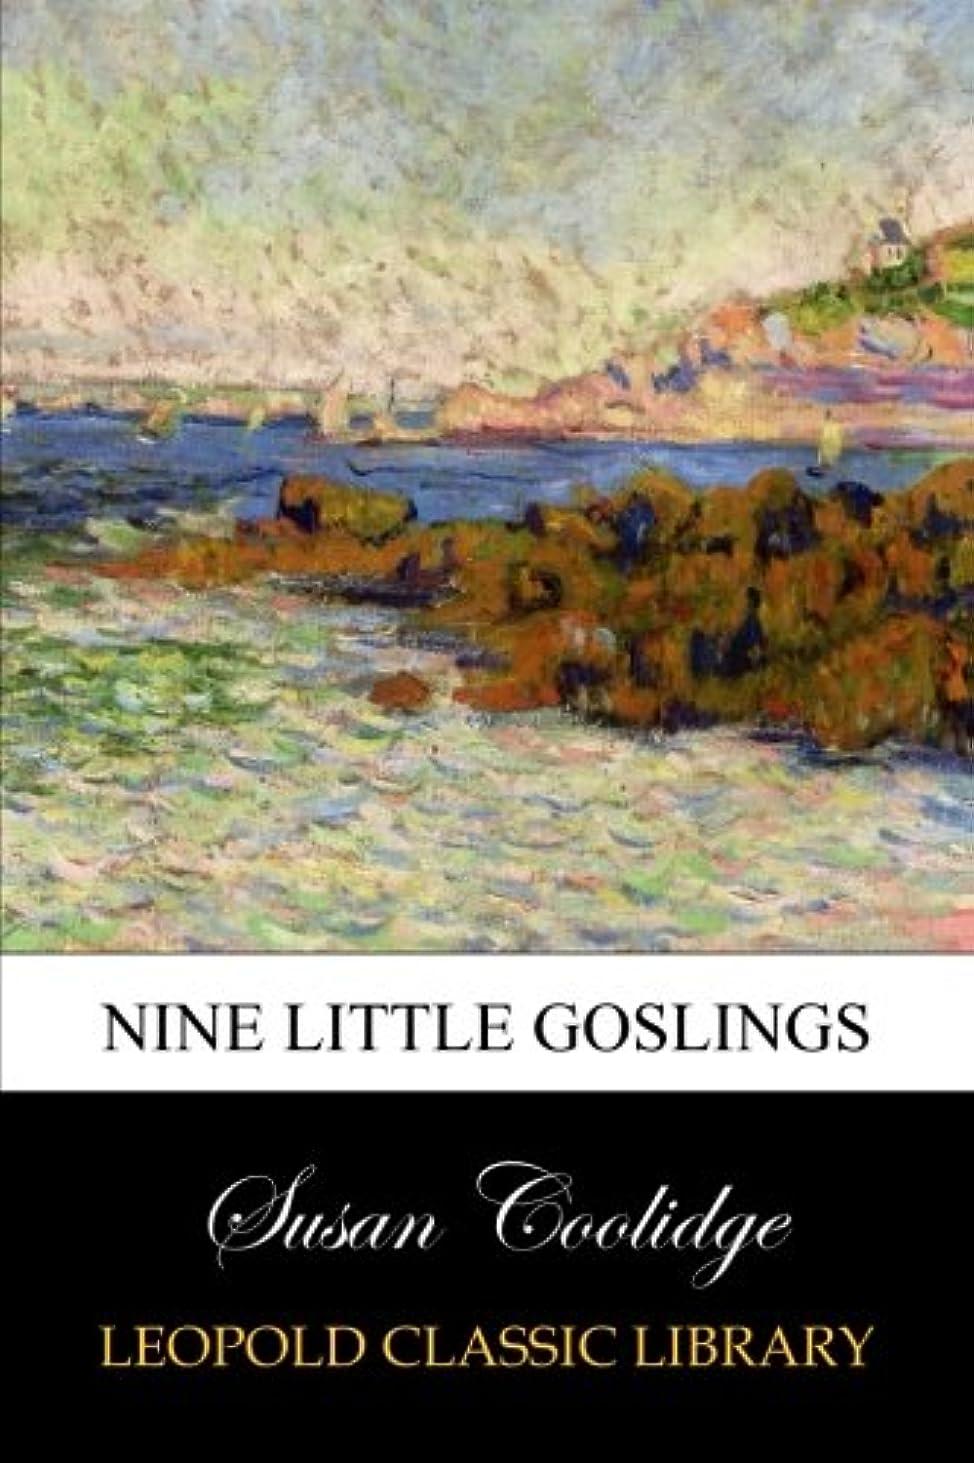 溶融制約冷酷なNine Little Goslings